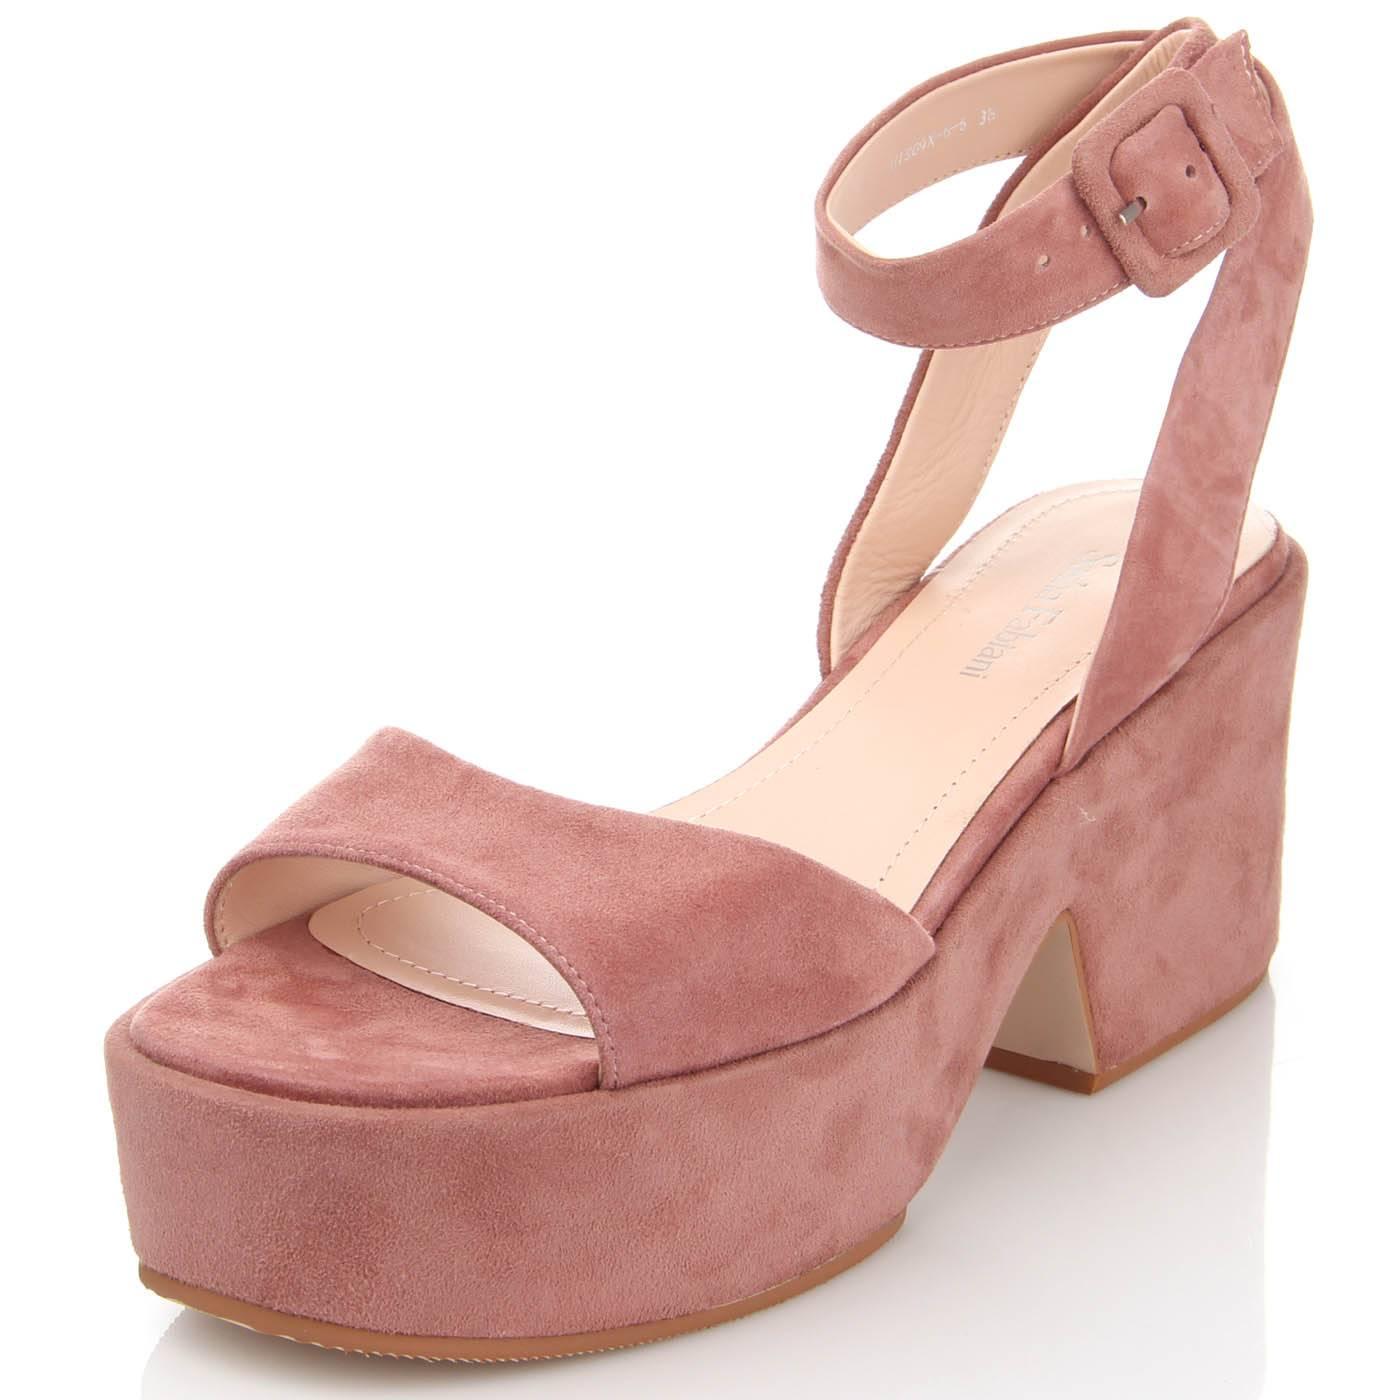 Босоніжки жіночі Sasha Fabiani 6796 Рожевий купить по выгодной цене ... 322b261dd9000